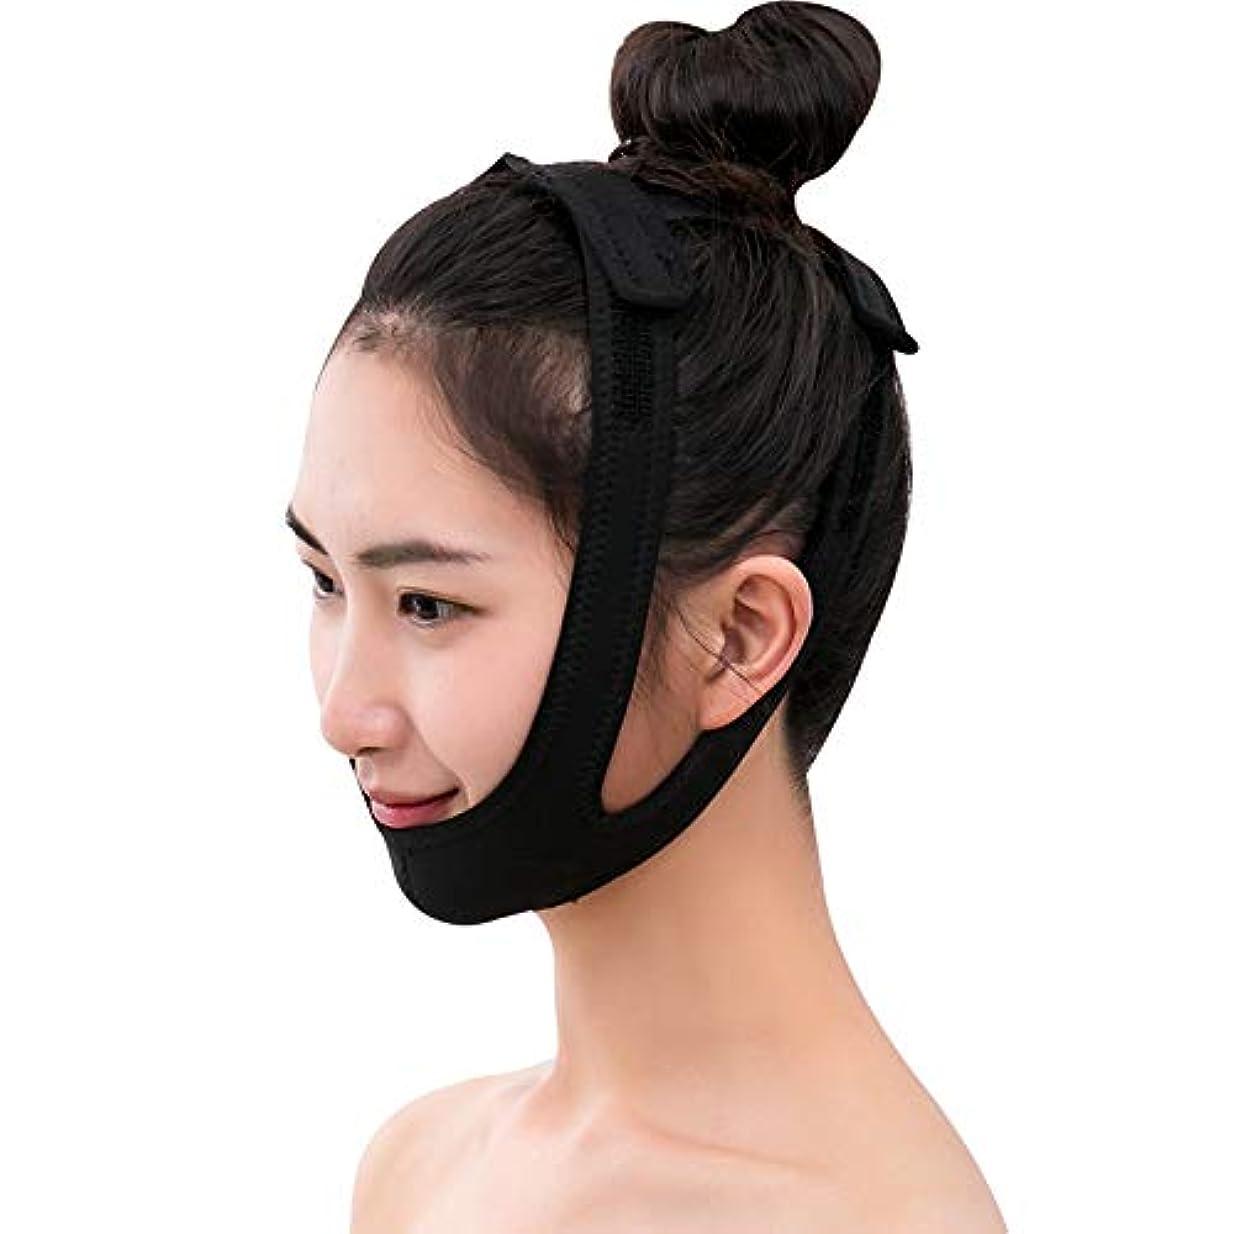 オリエンテーションアルカイックに対応するGYZ フェイシャルリフティング痩身ベルト圧縮二重あご減量ベルトスキンケア薄い顔包帯二重あごワークアウト Thin Face Belt